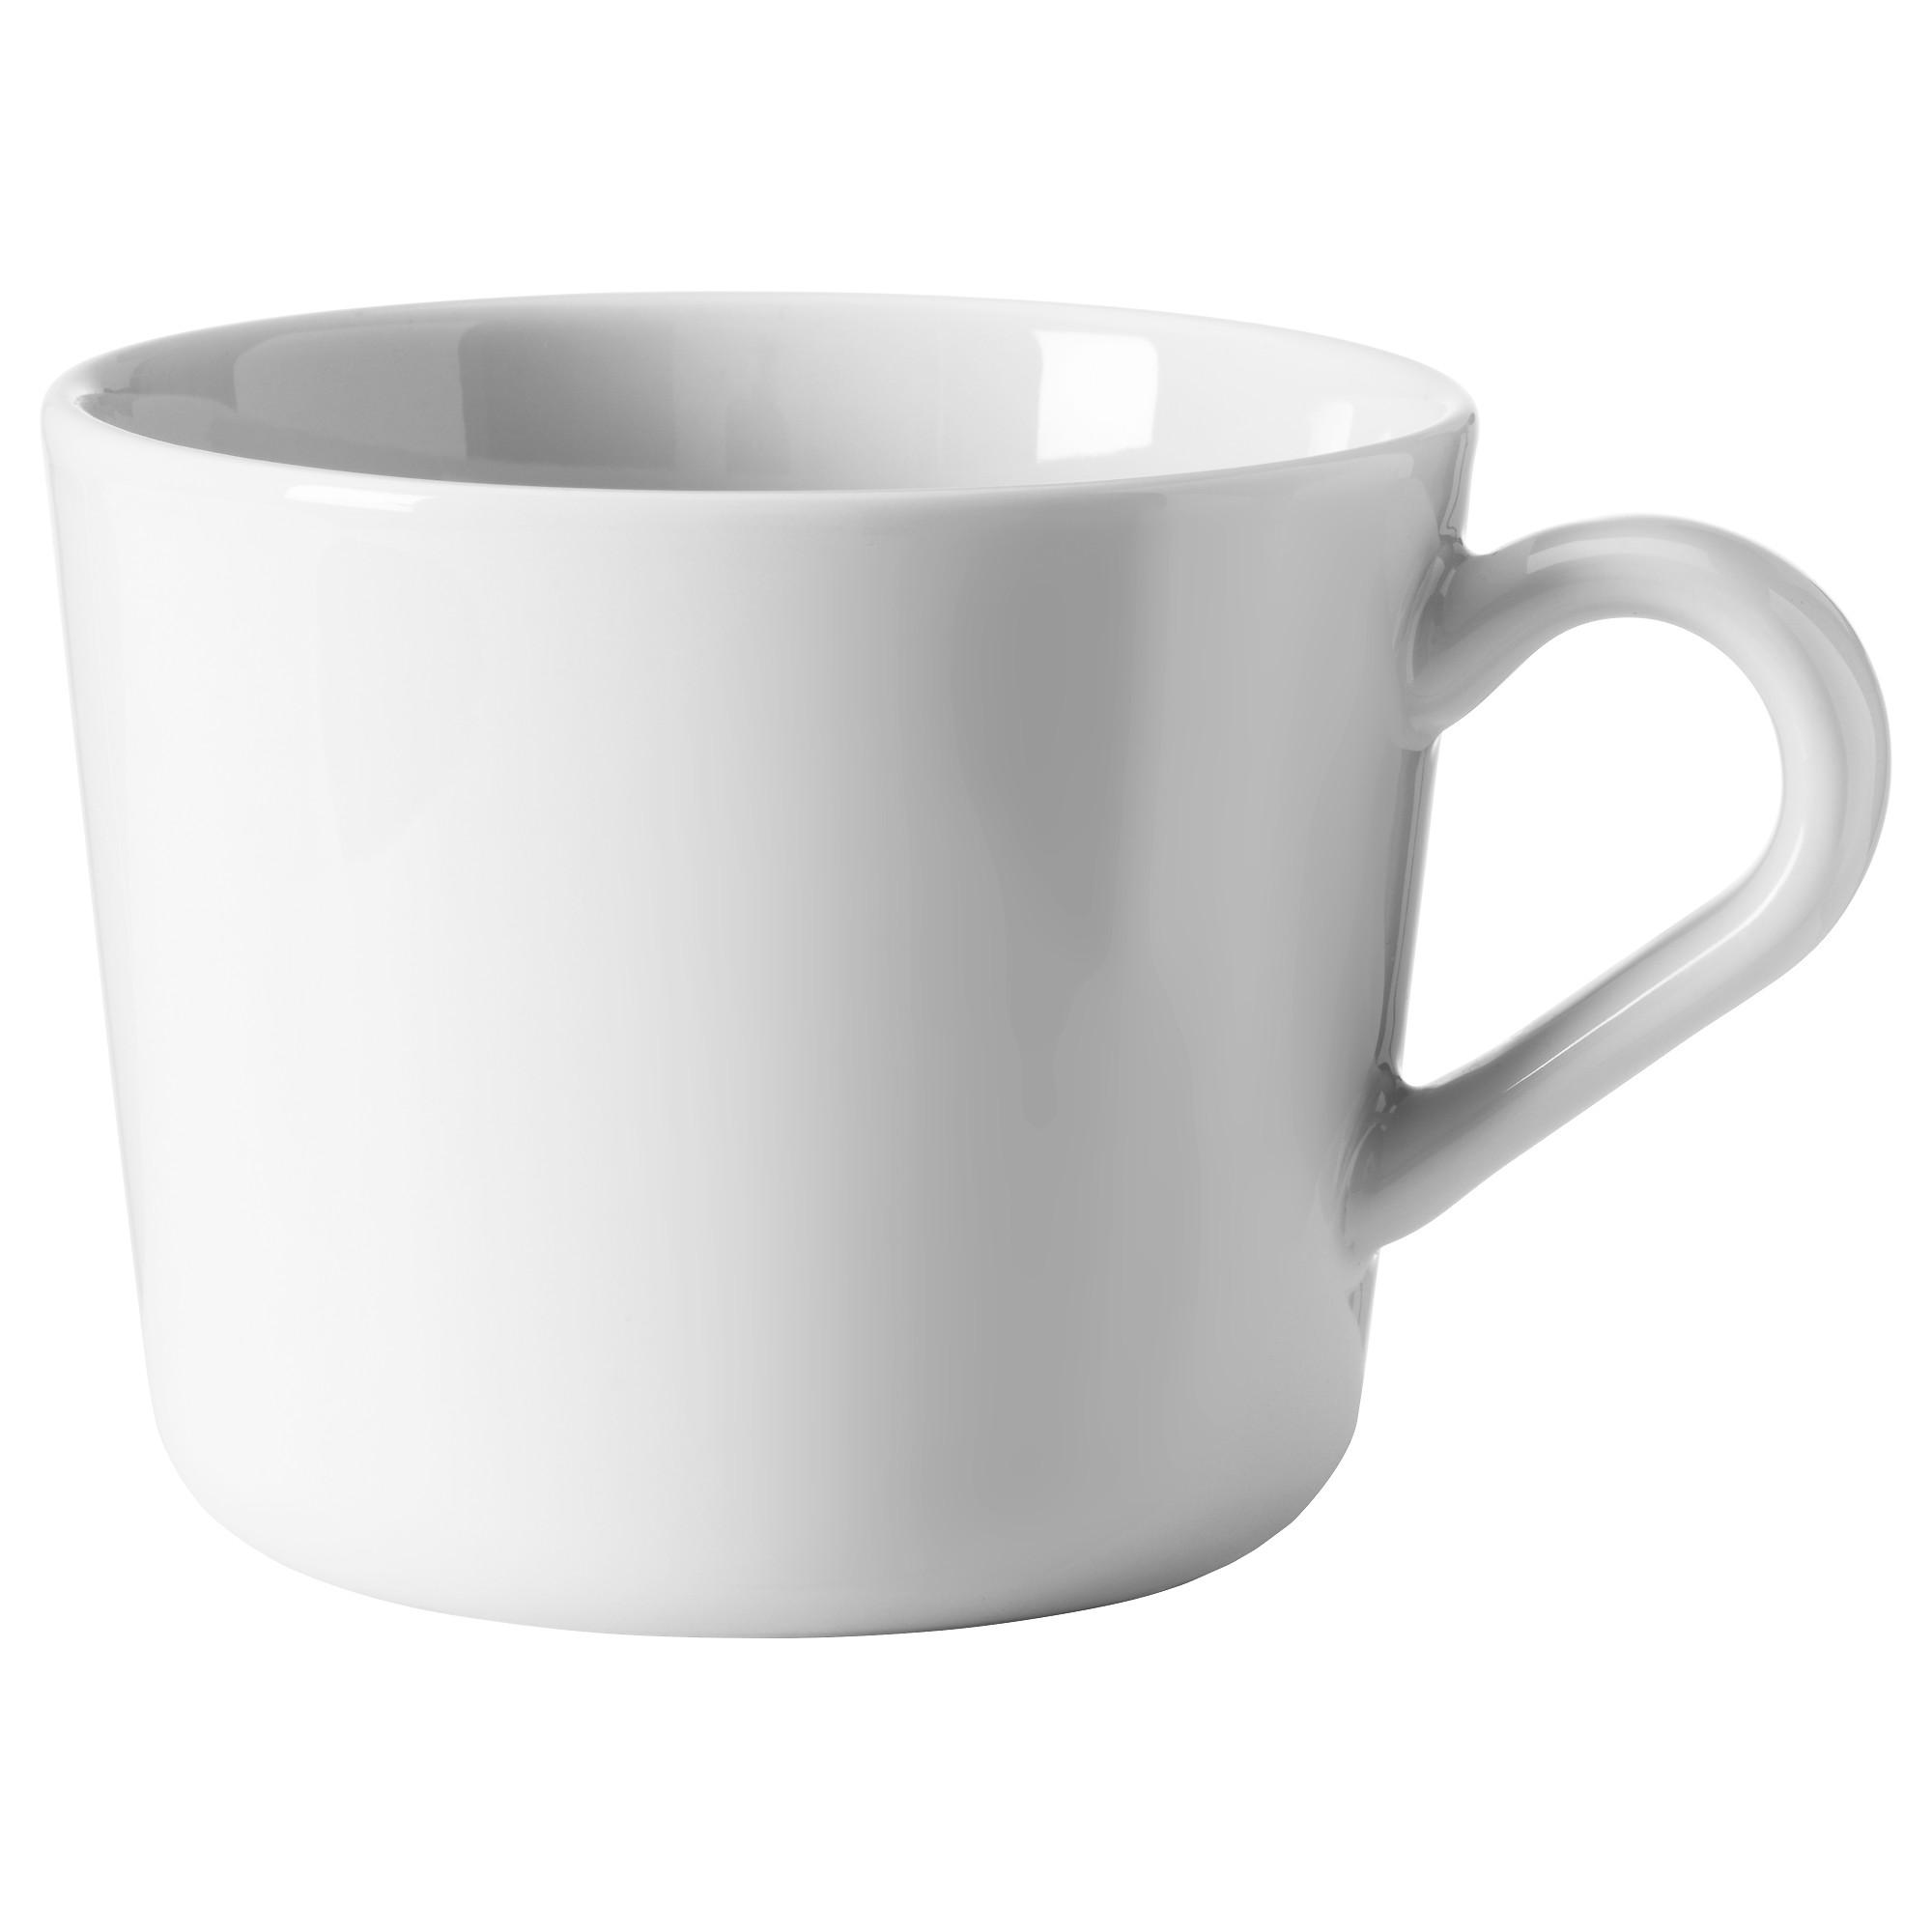 馬克杯, , 白色, 7 公分, 另有8  公分可選擇